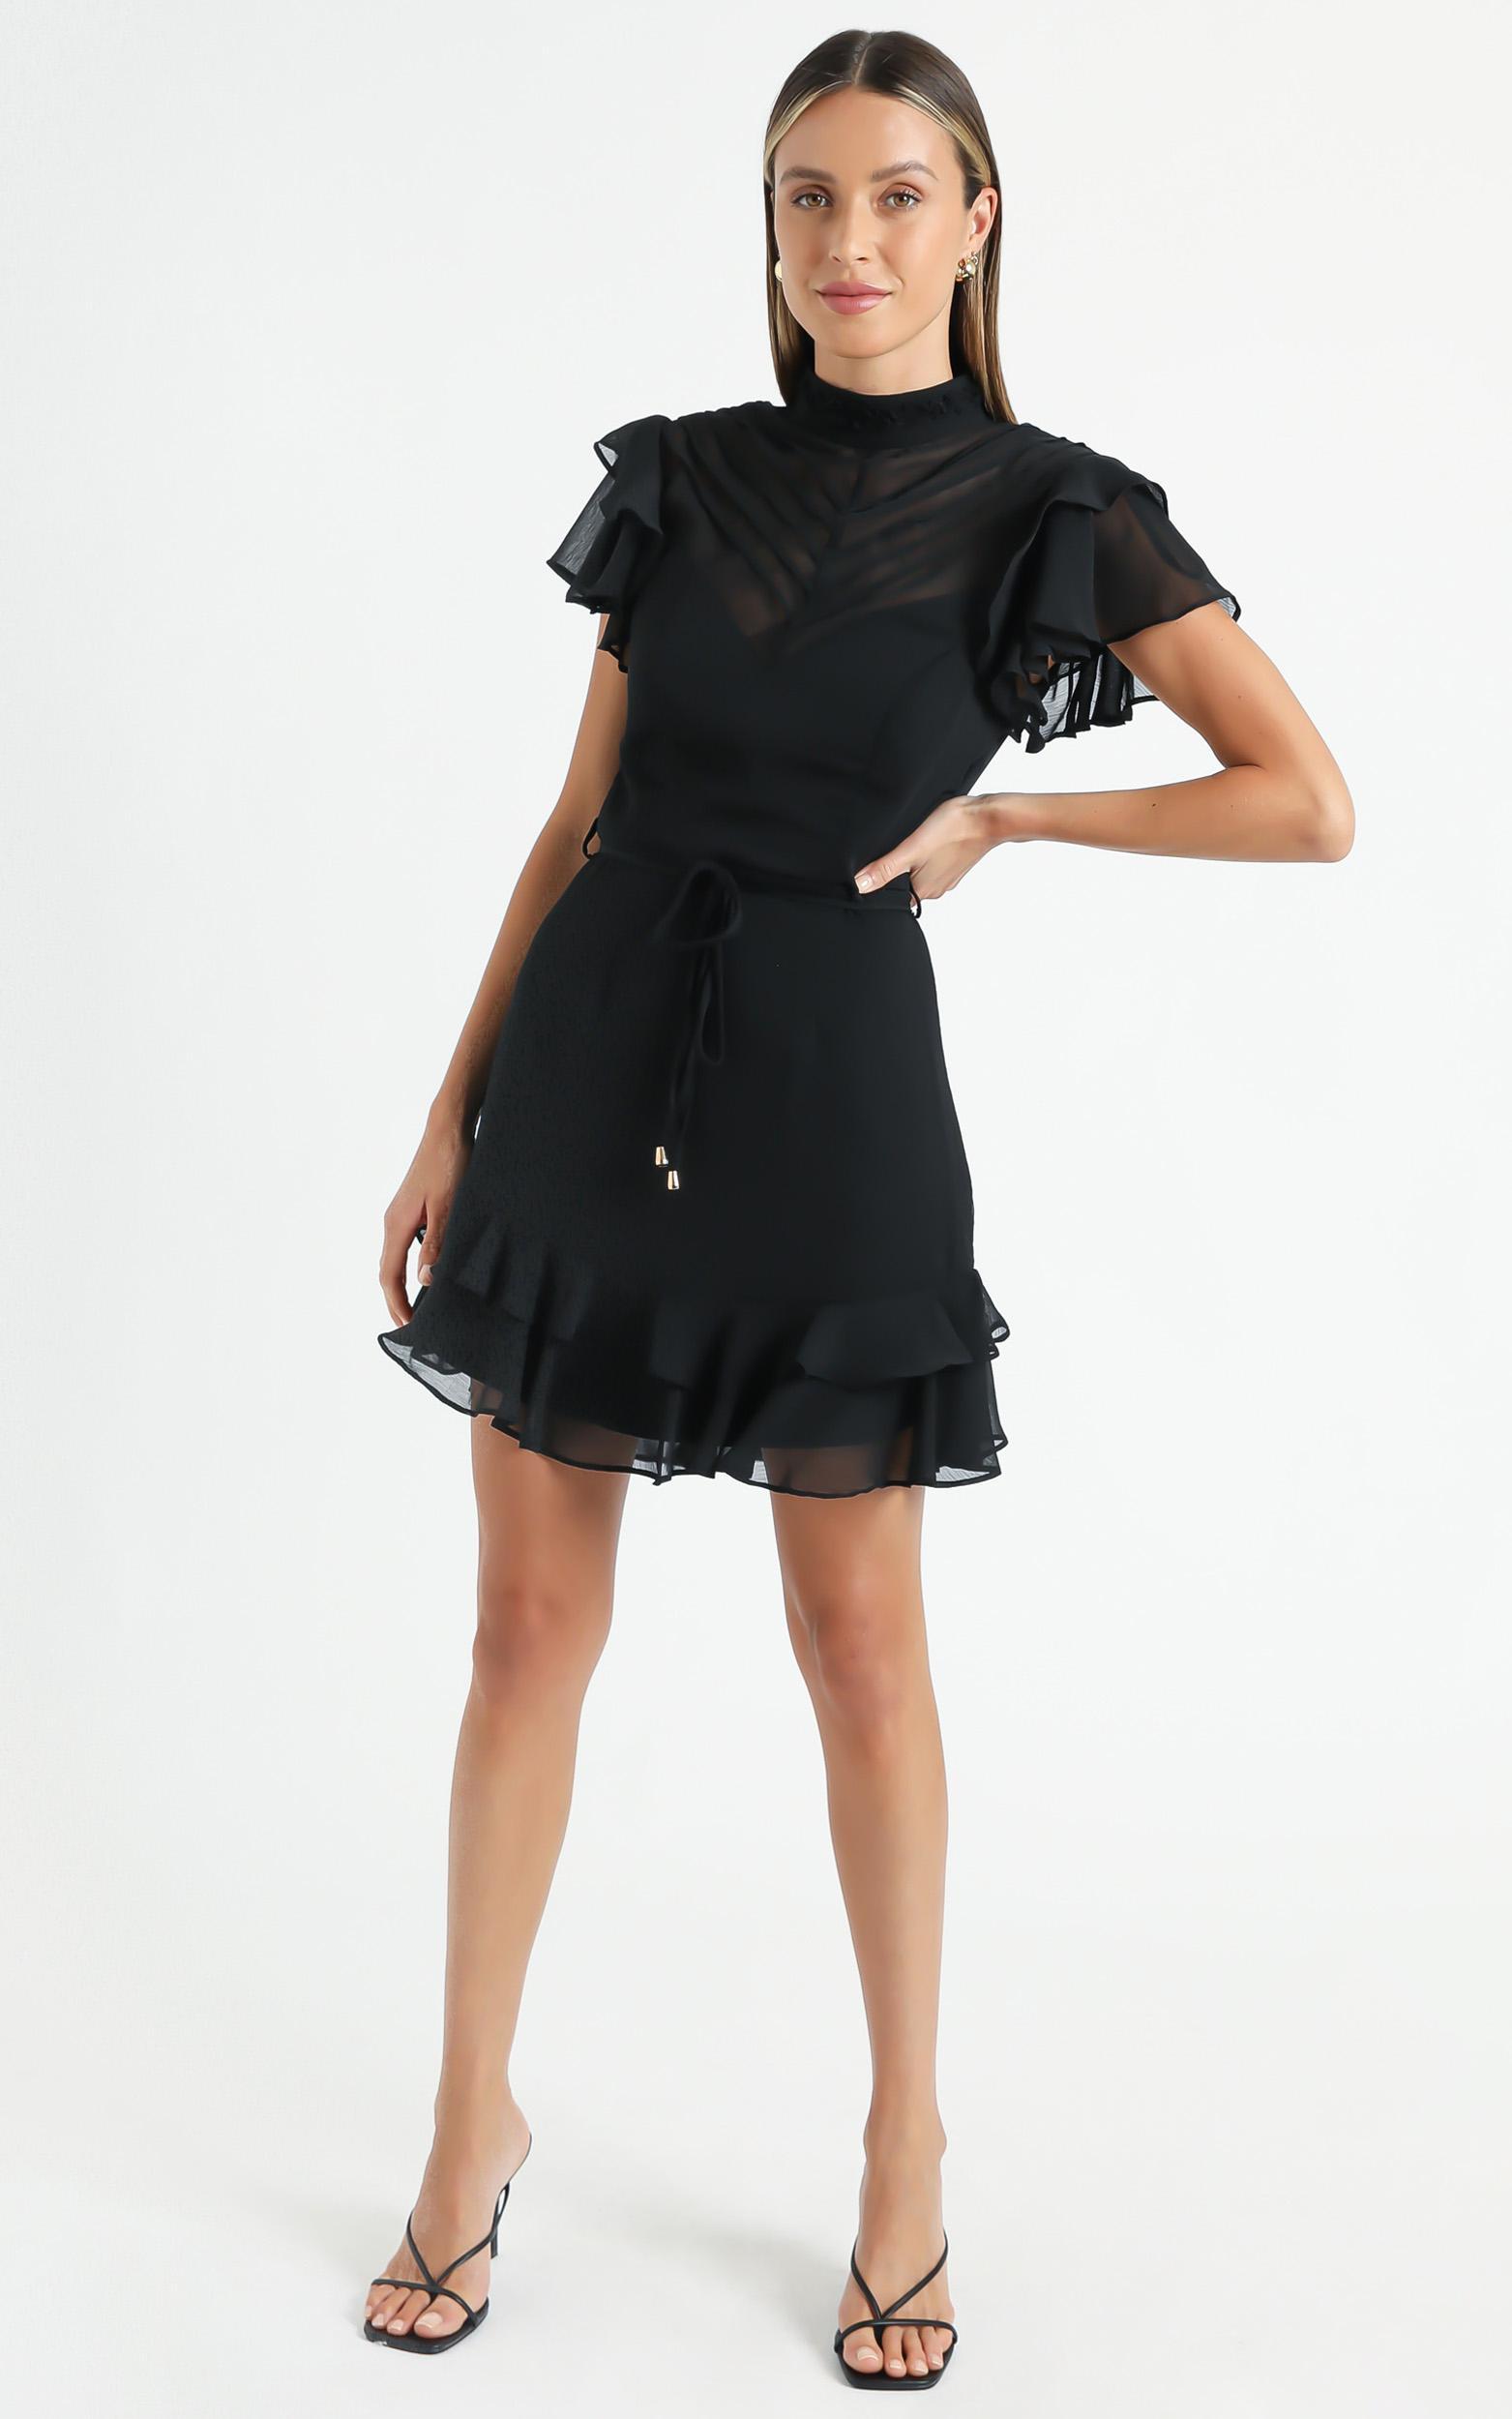 Livvy Dress in Black - 6 (XS), Black, hi-res image number null